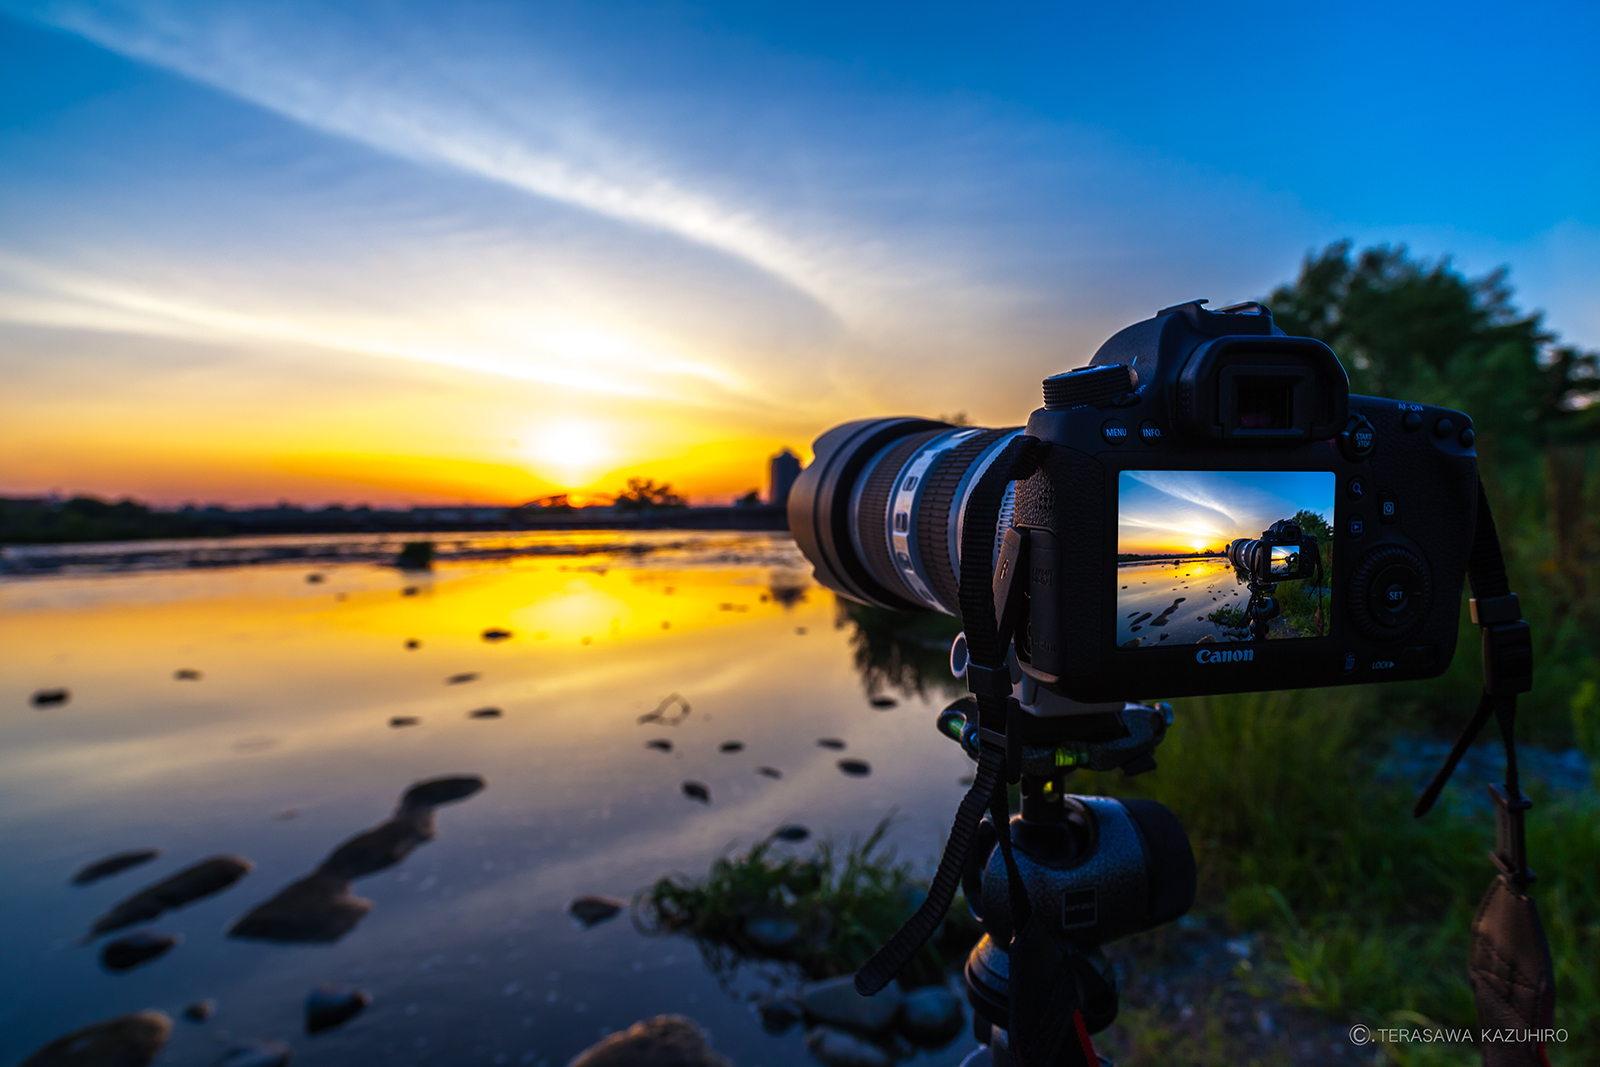 как фоткать красиво ночью на фотоаппарат женская туника